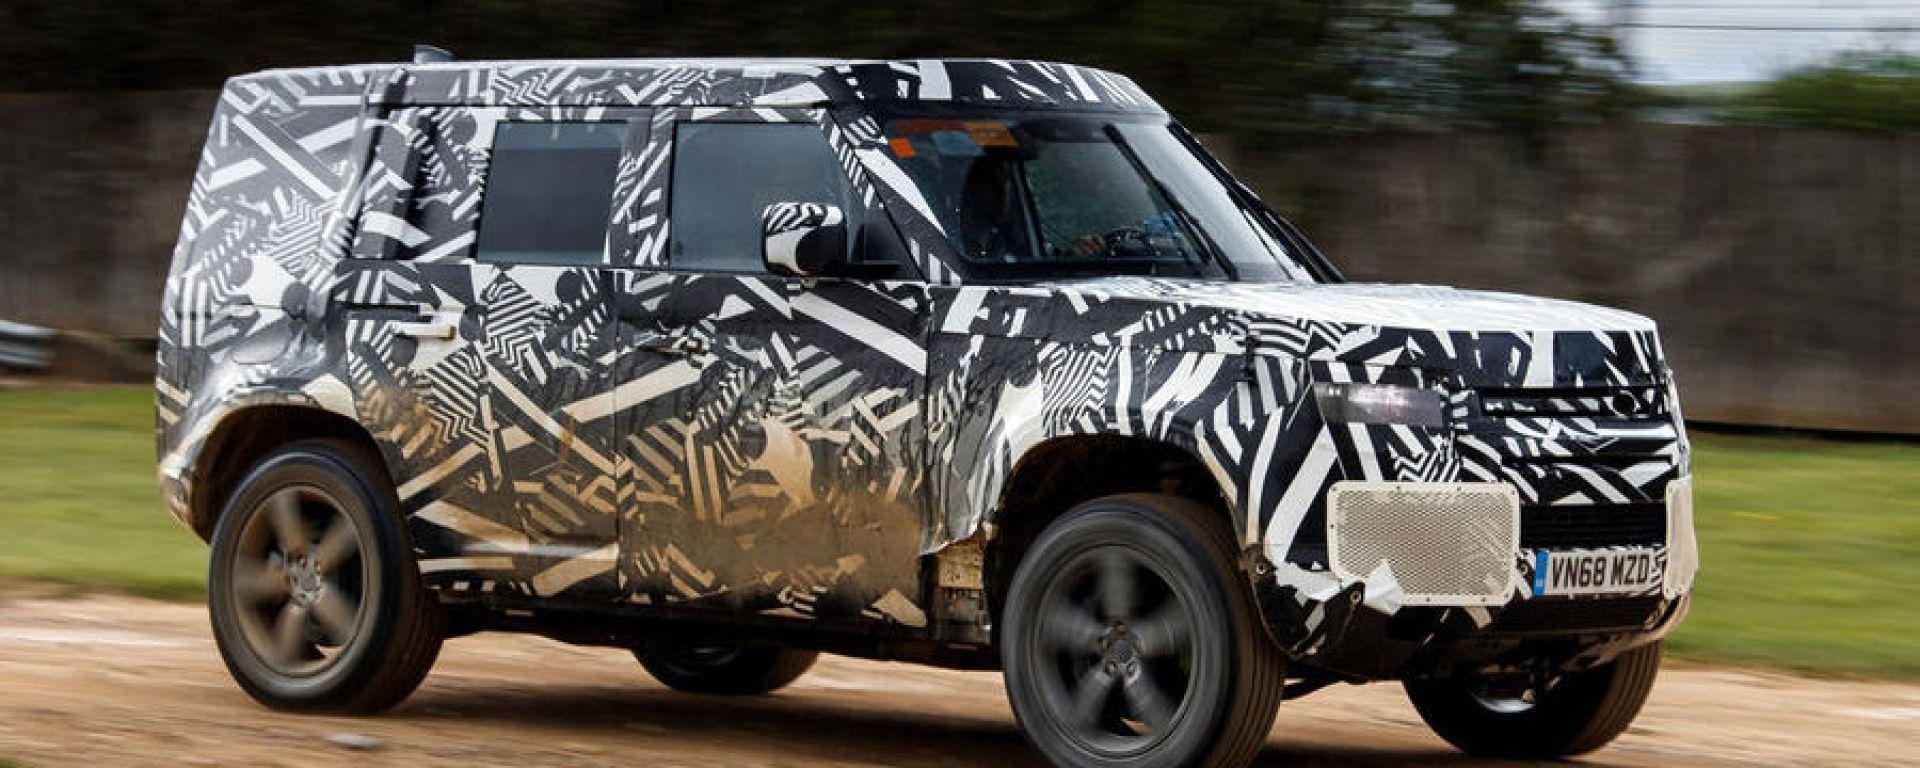 Land Rover Defender 2020: le impressioni di guida della stampa inglese